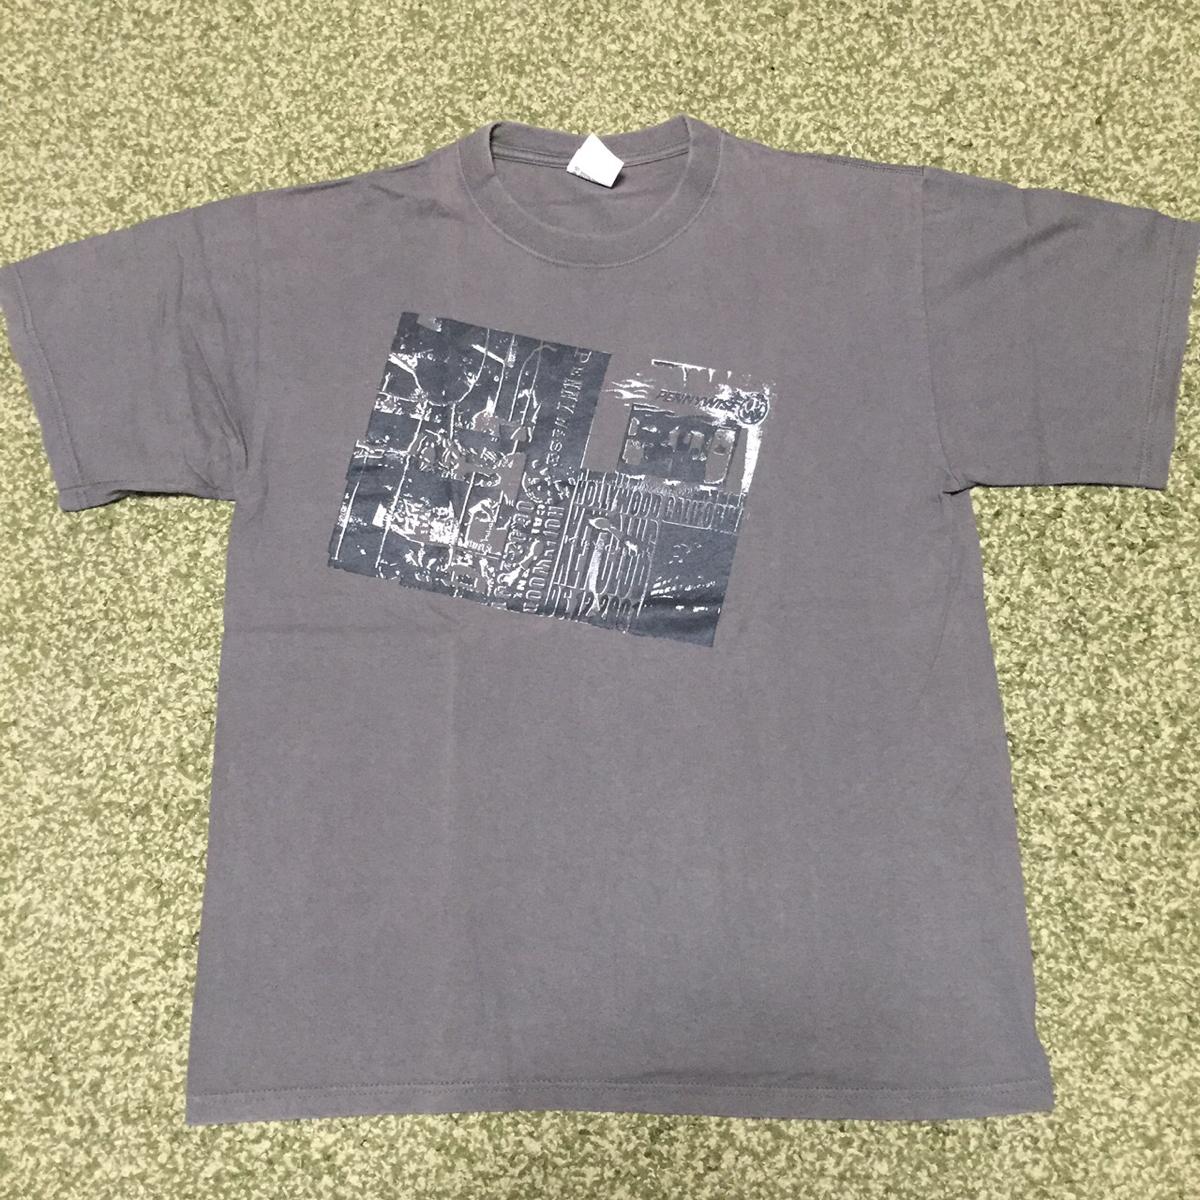 00's PENNY WISE Tシャツ ペニーワイズ バンド ロック パンク メロコア ハイスタ NOFX